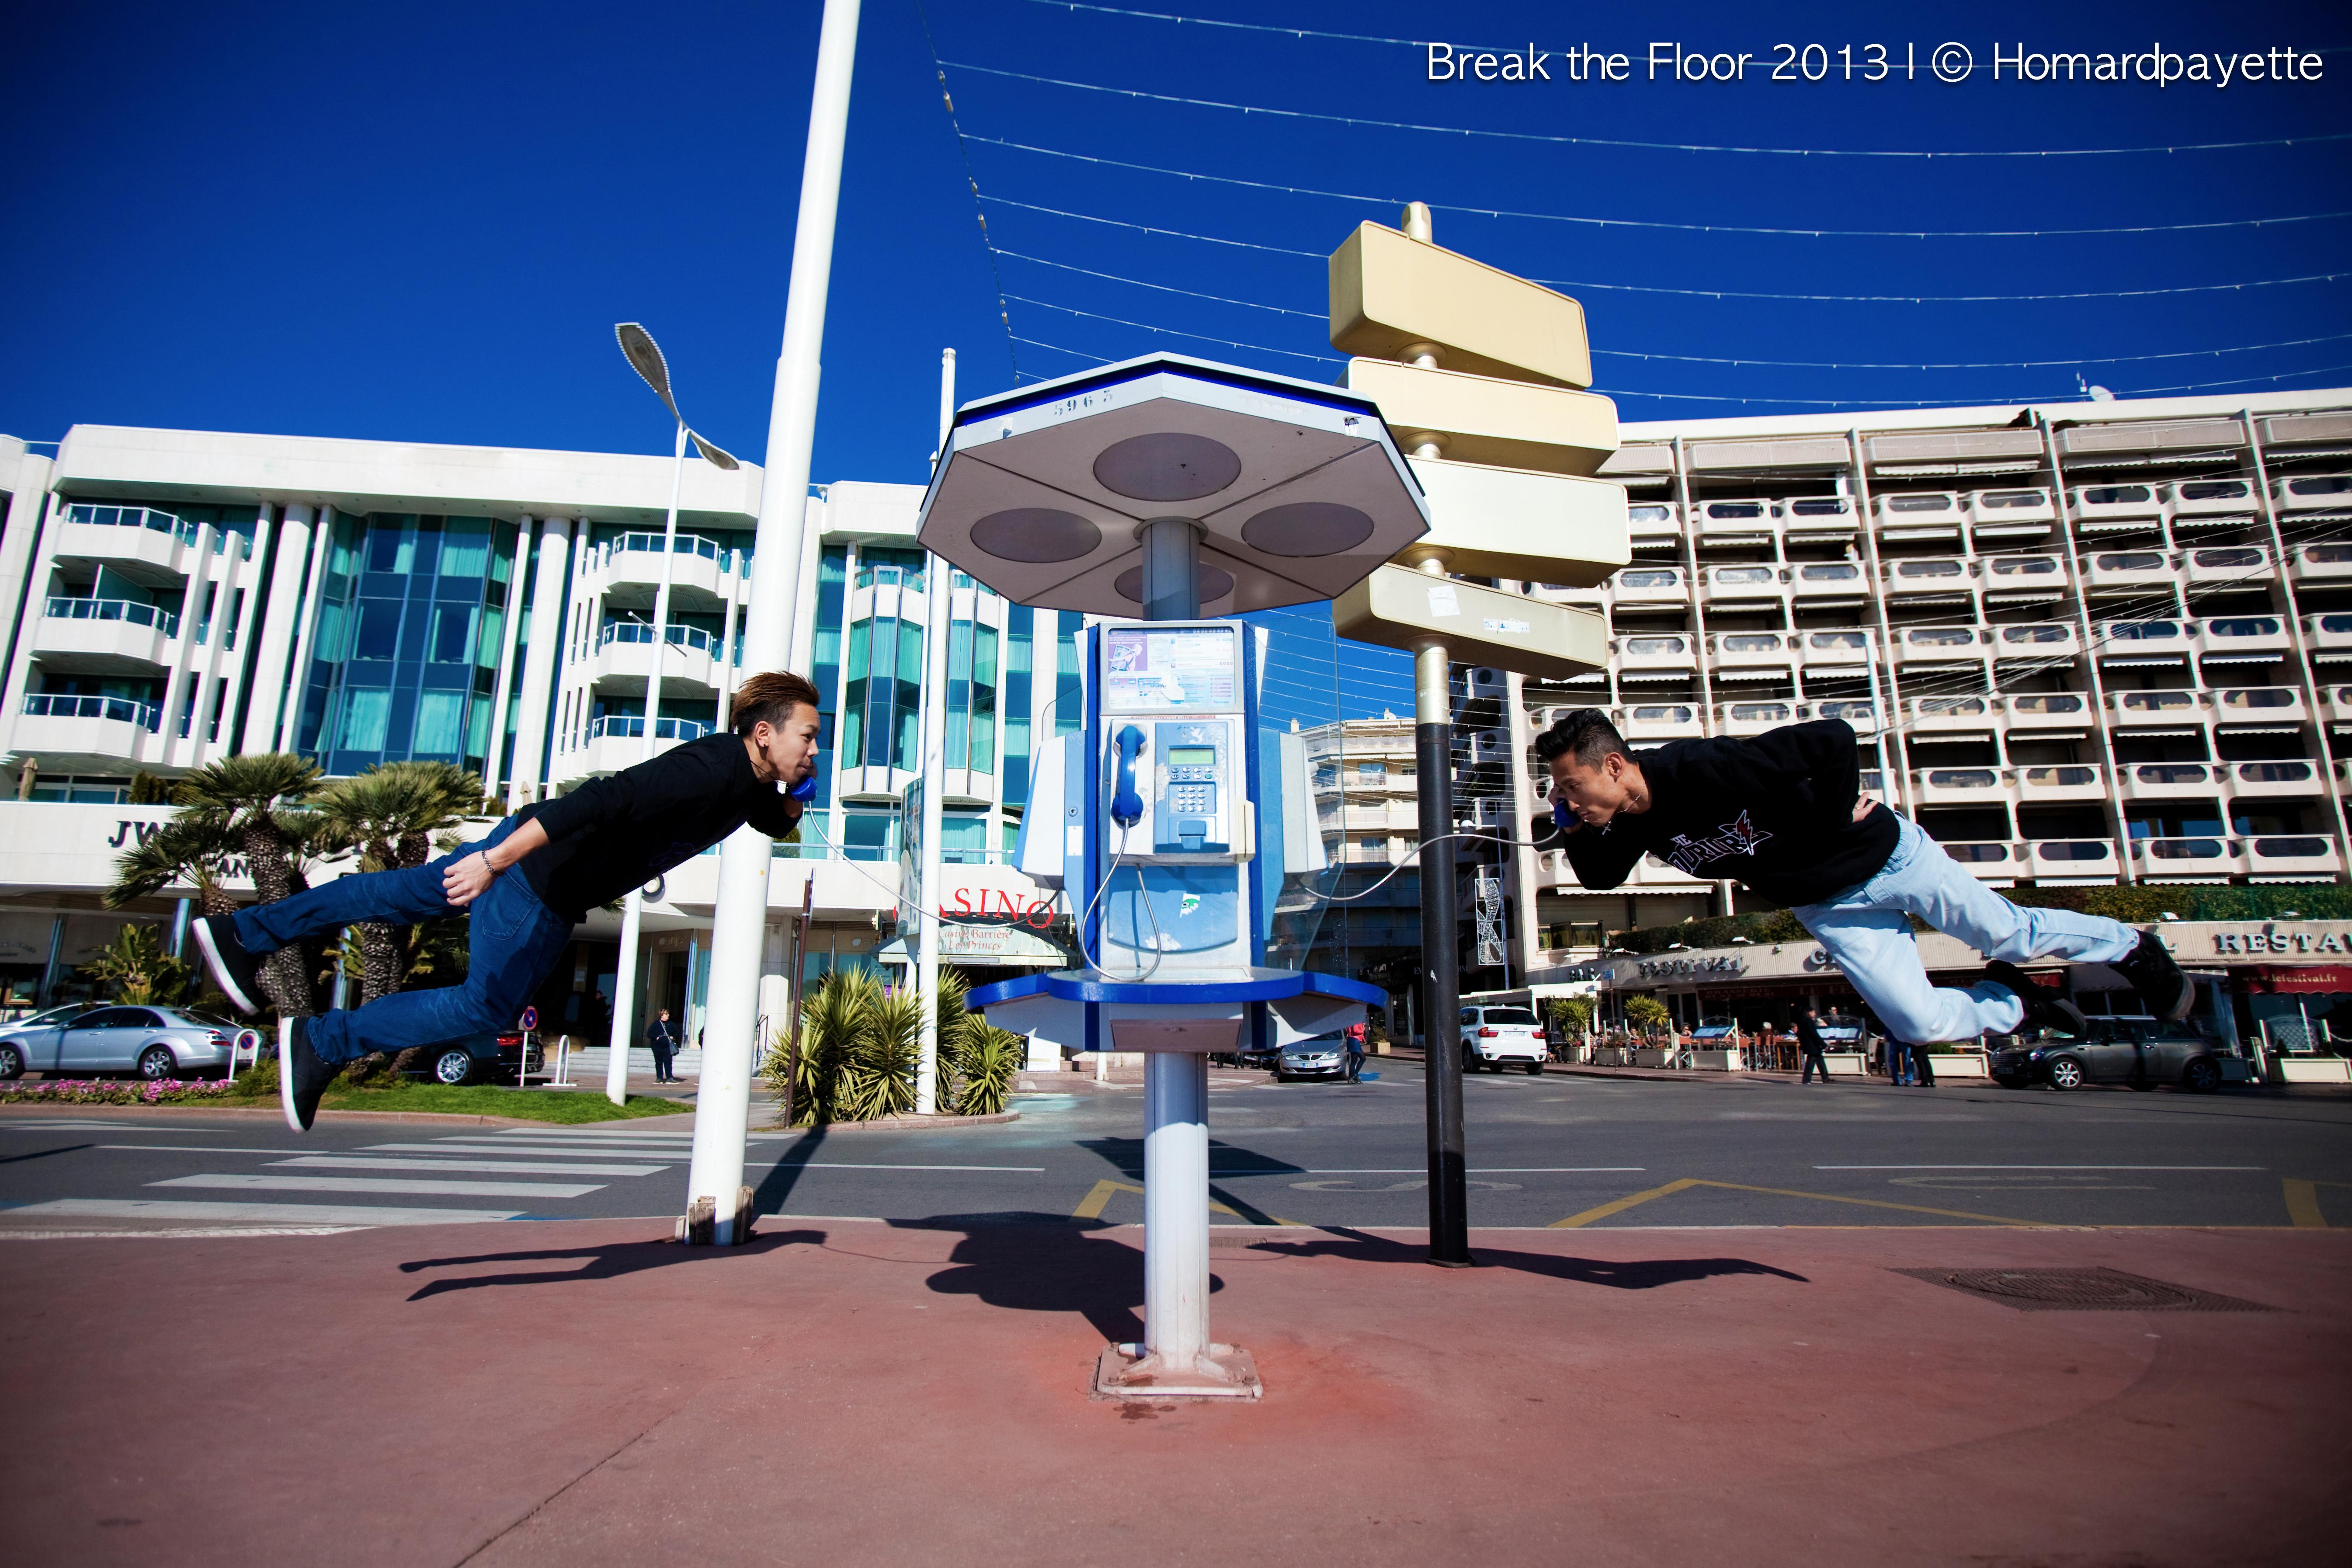 Break the Floor 2013-4329